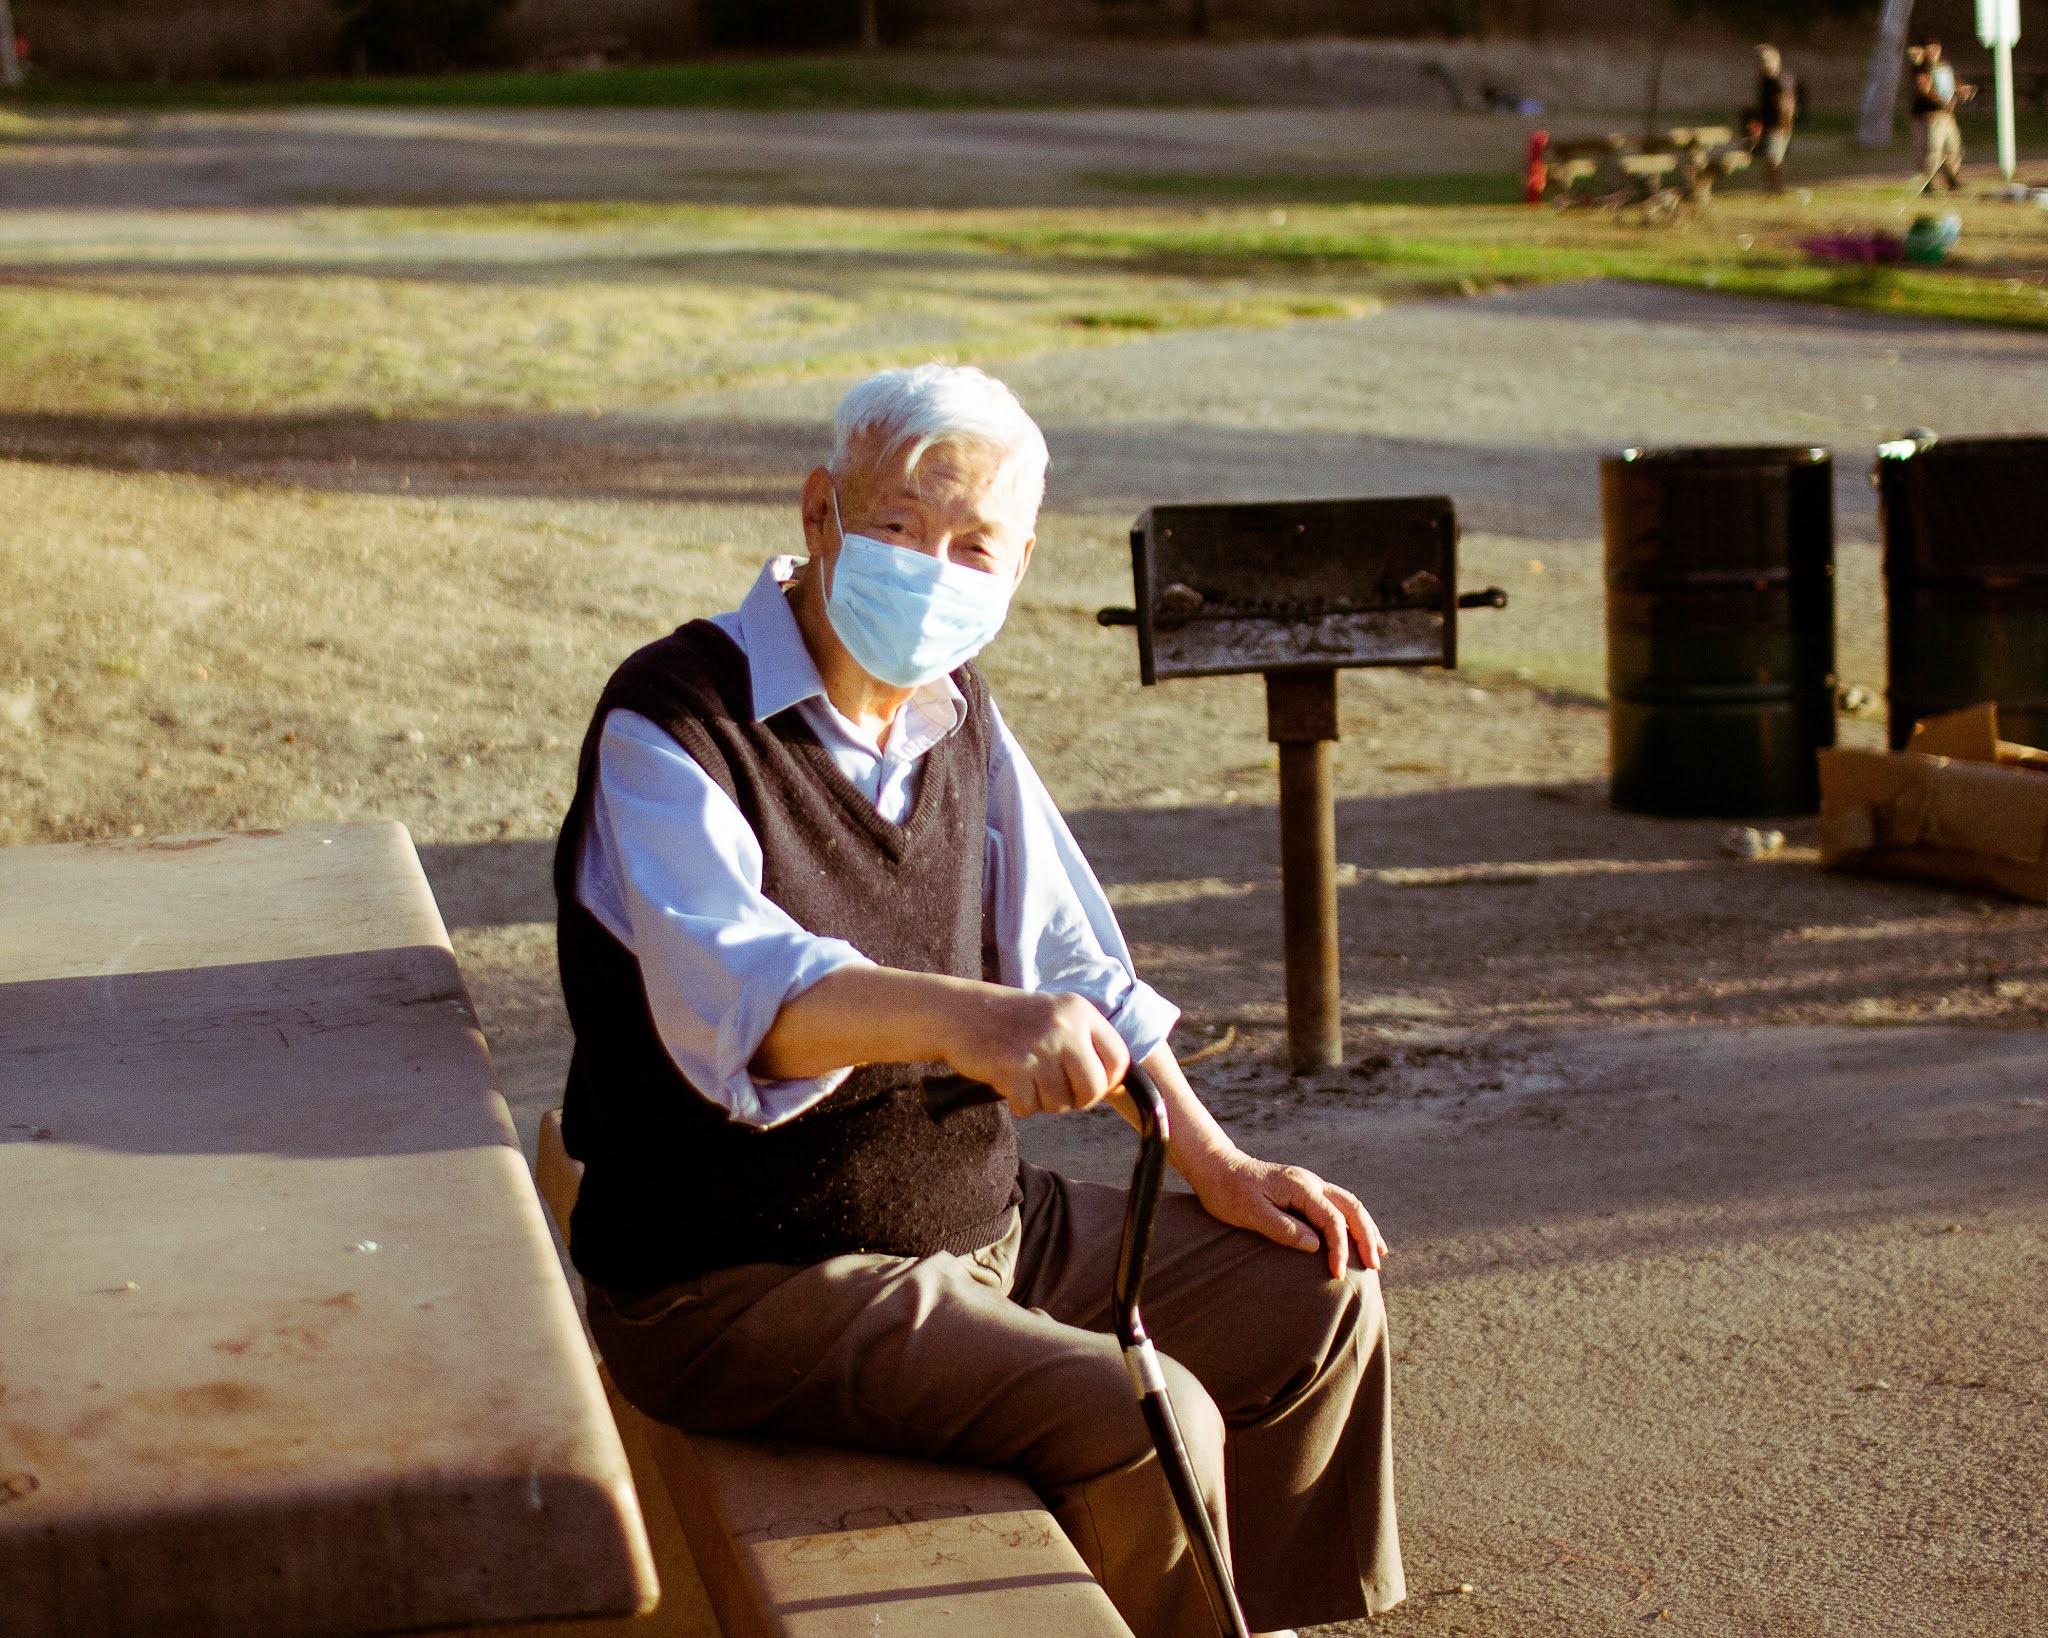 كيف احمي اقاربي الكبار في السن من فايروس كورونا